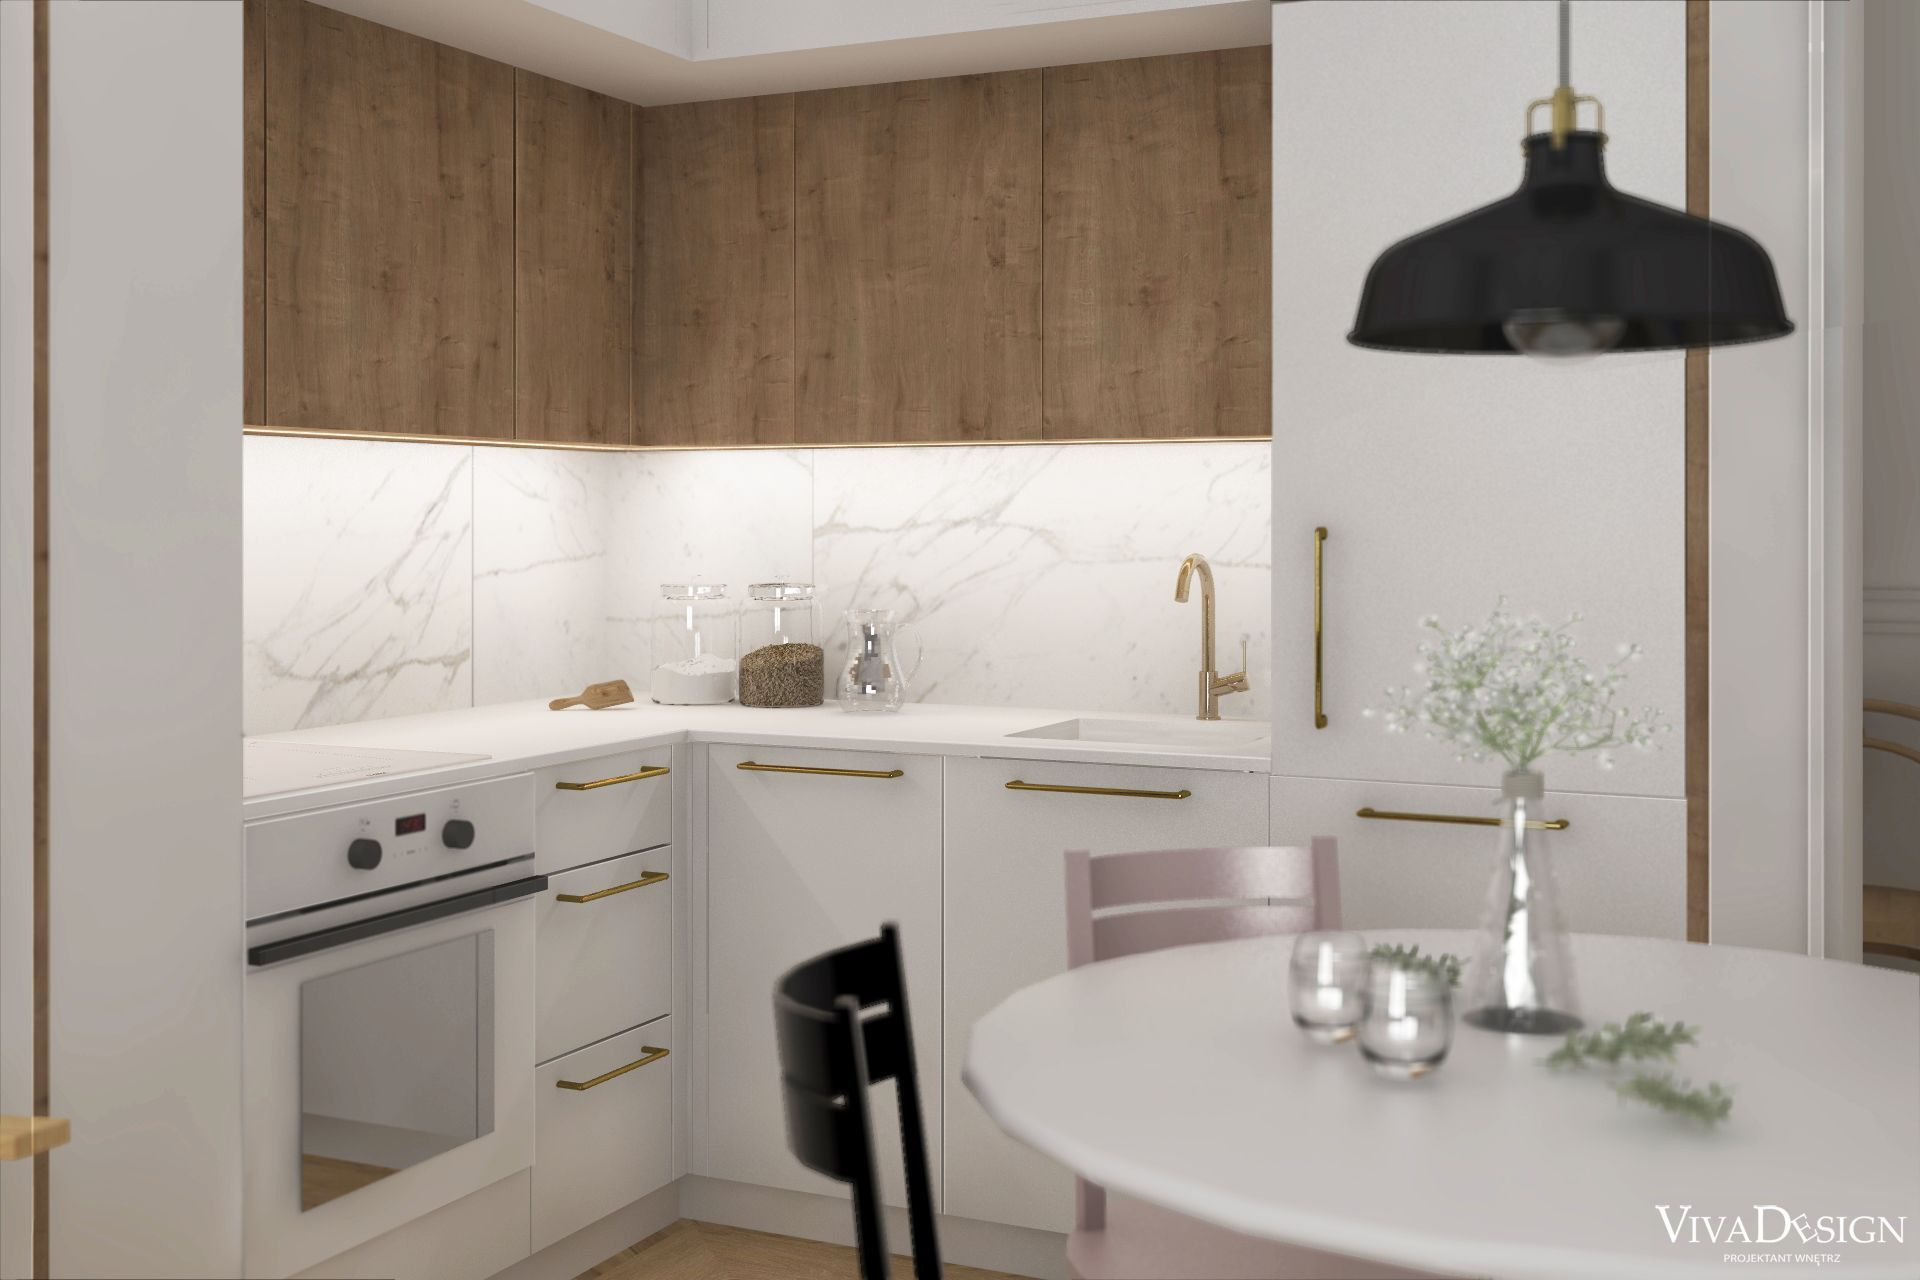 Salon Z Kuchnia W Krakowskiej Kamienicy Home Decor Kitchen Cabinets Furniture